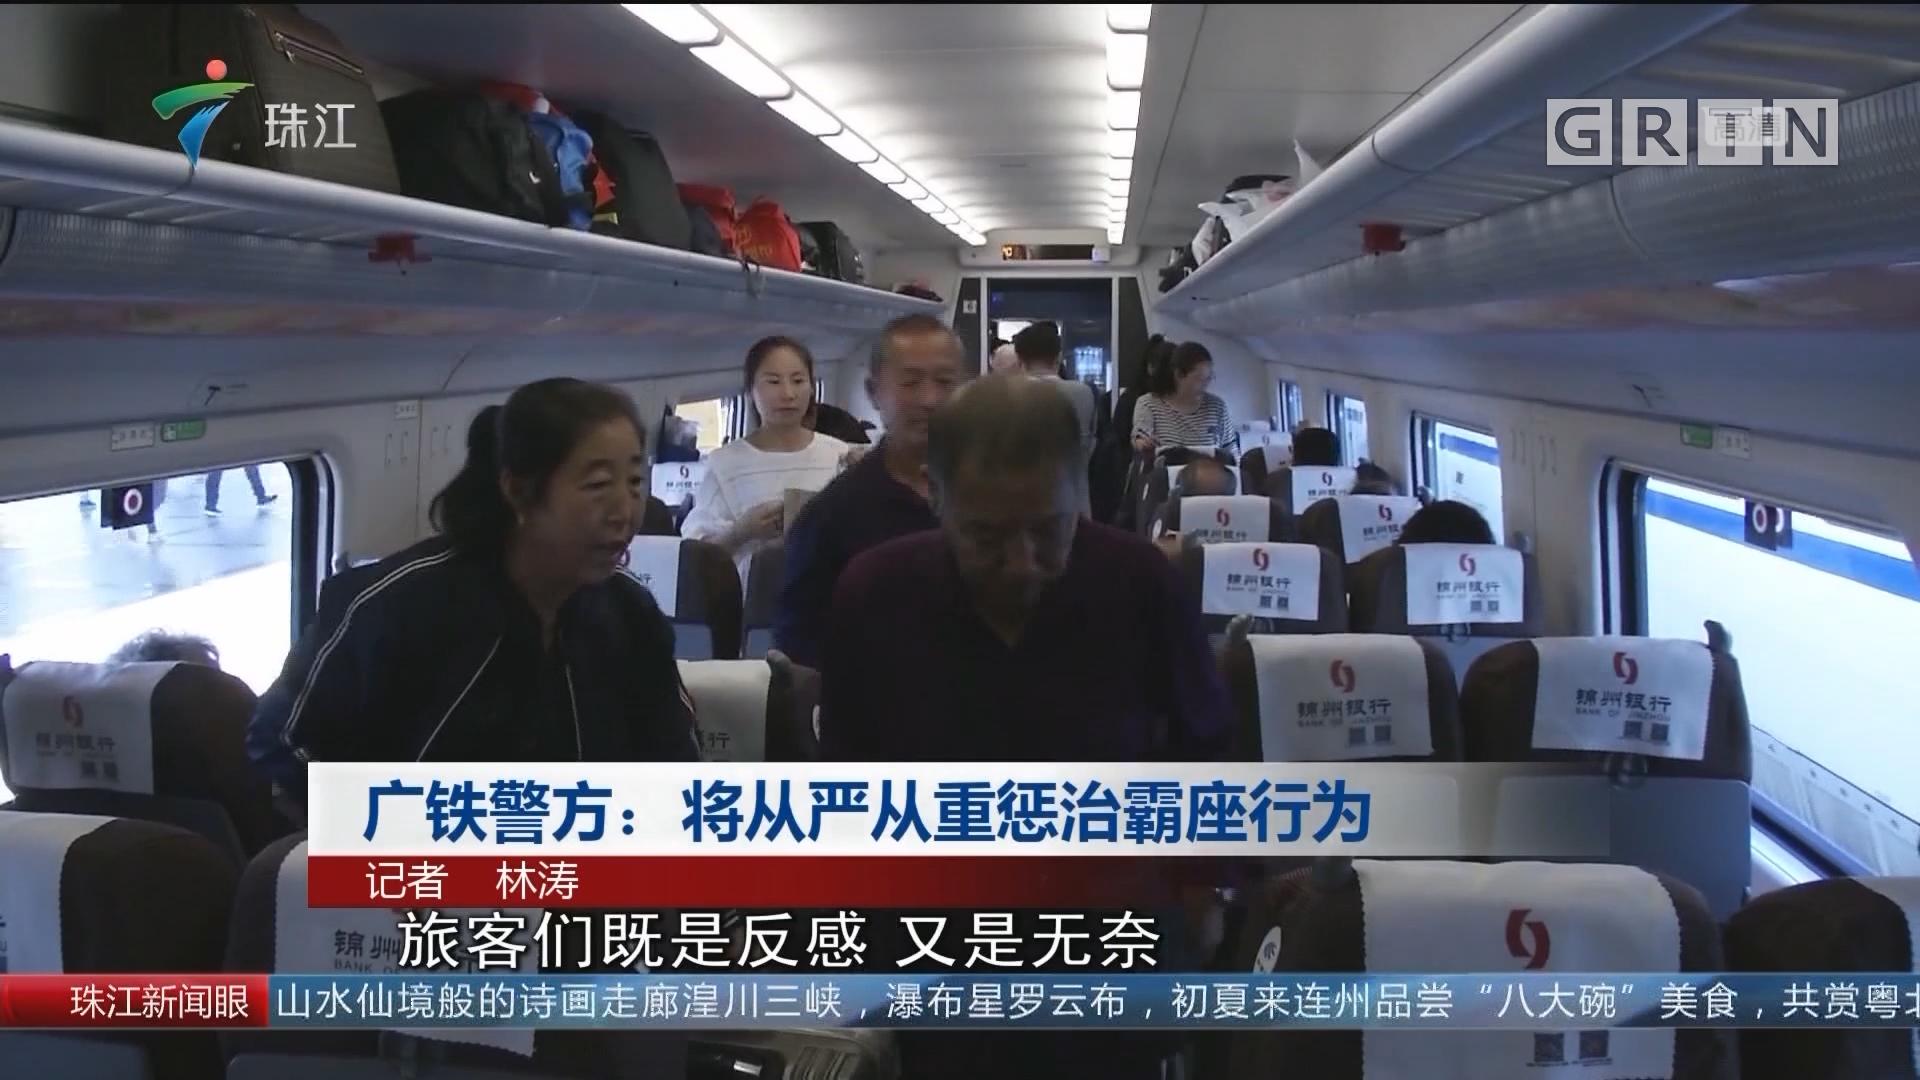 广铁警方:将从严从重惩治霸座行为